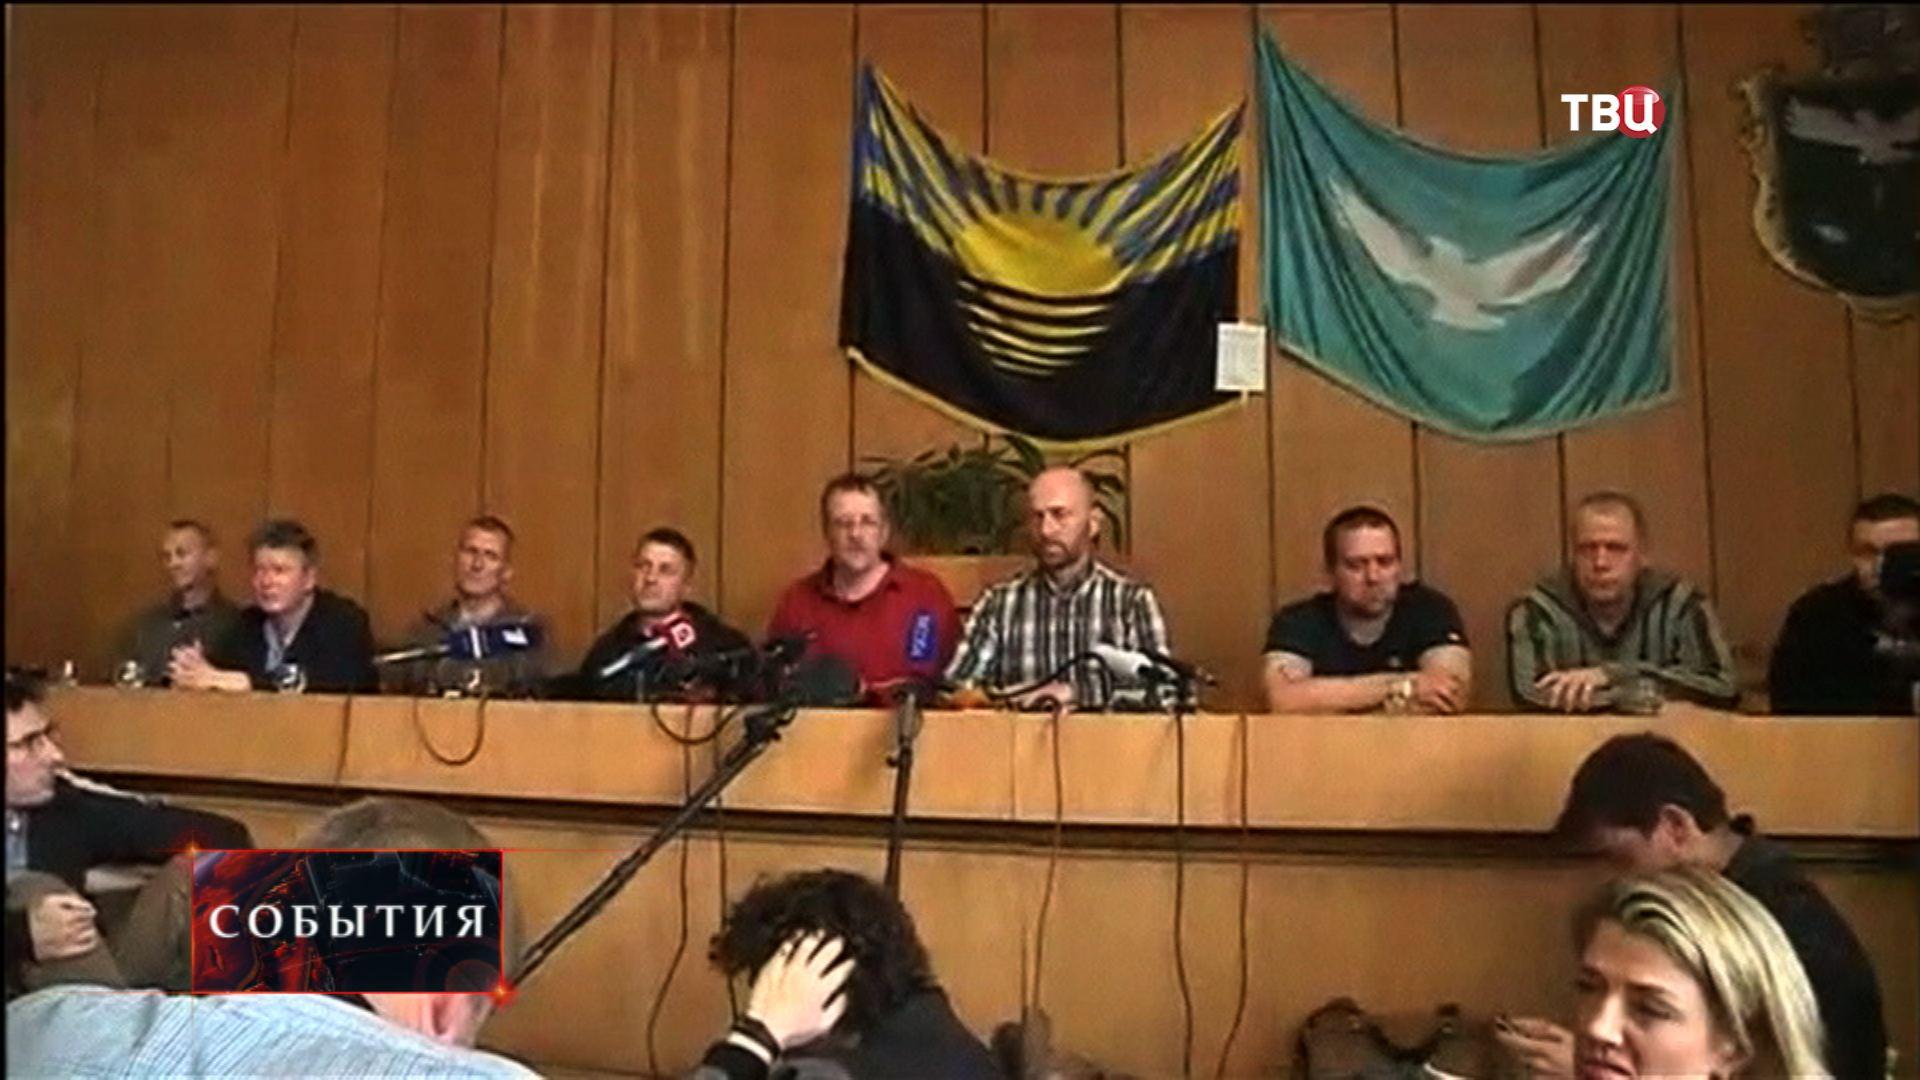 Мэр Славянска Вячеслав Пономарев